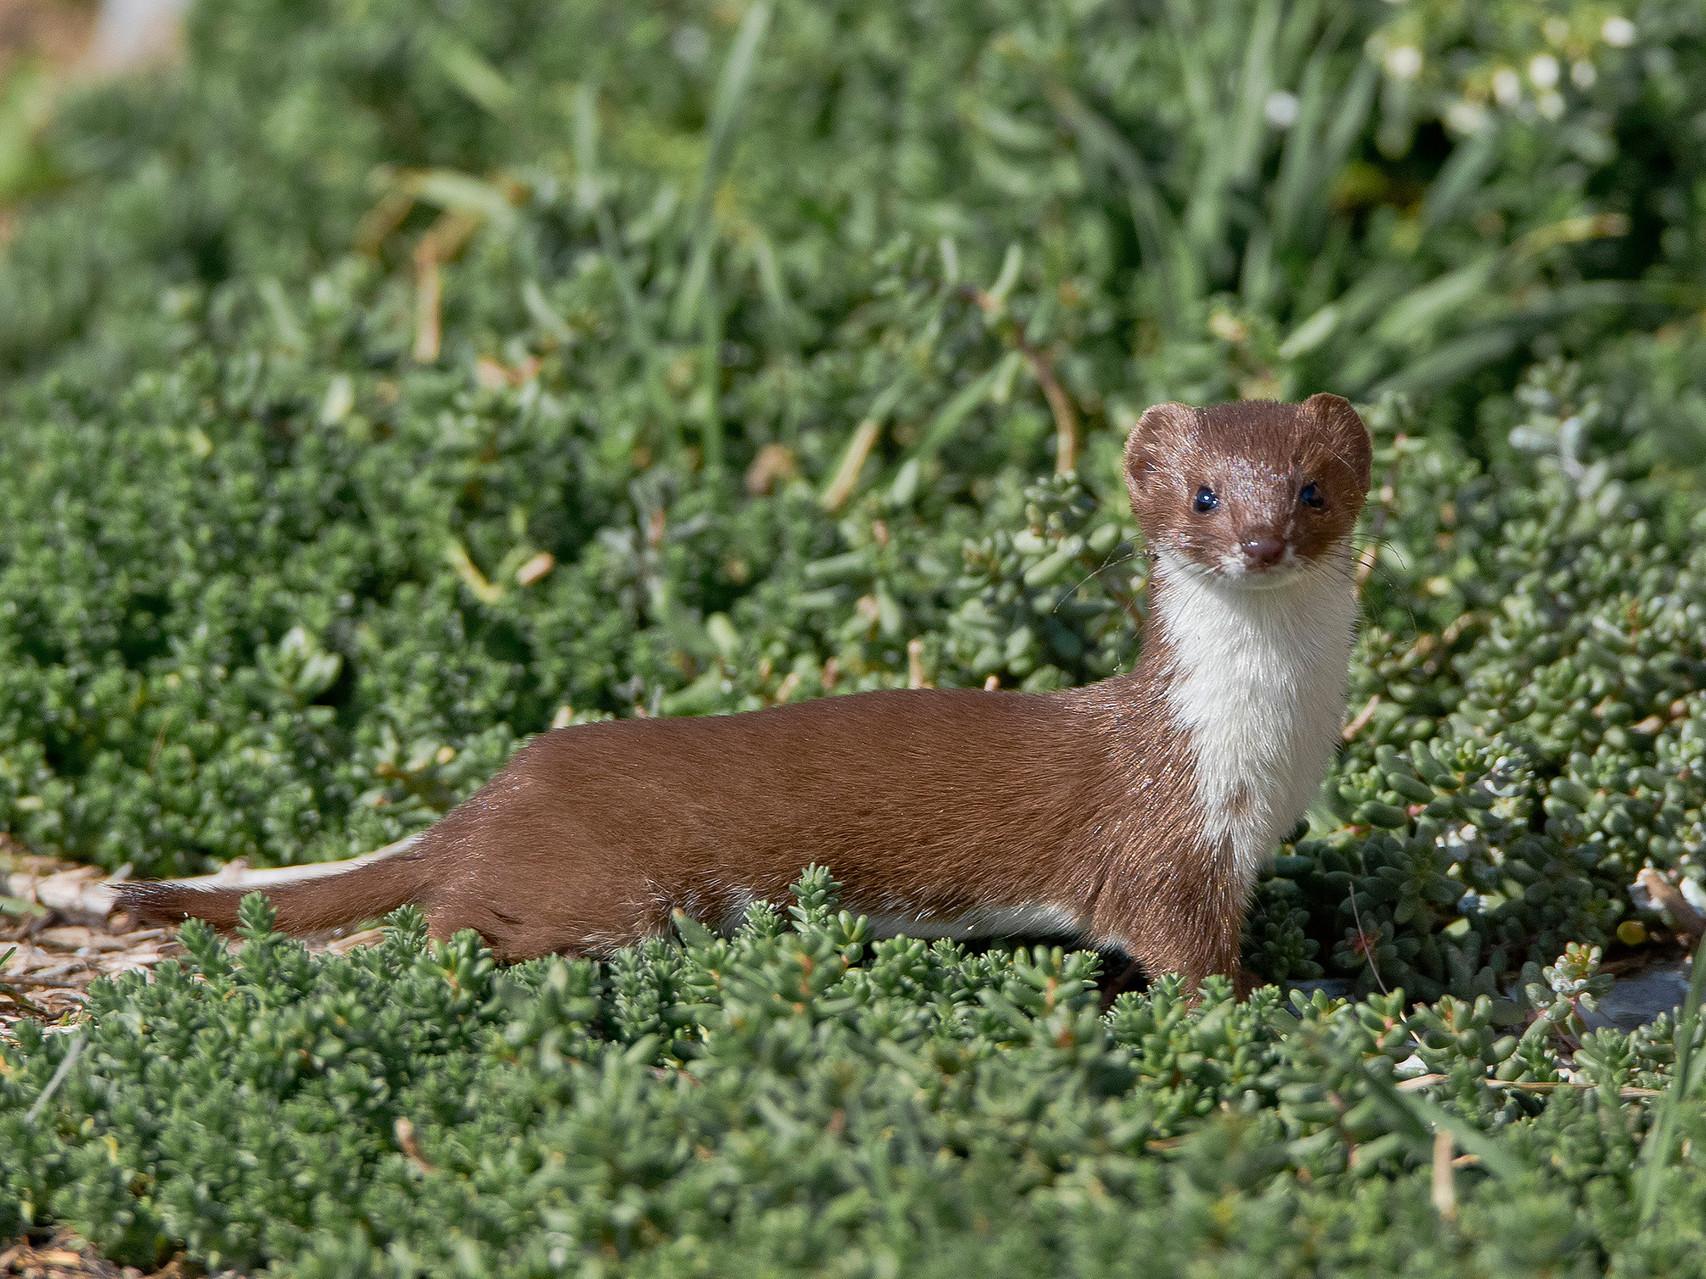 Das Mauswiesel hat nur gerade mal eine Kopfrumpflänge von ca. 25 cm...